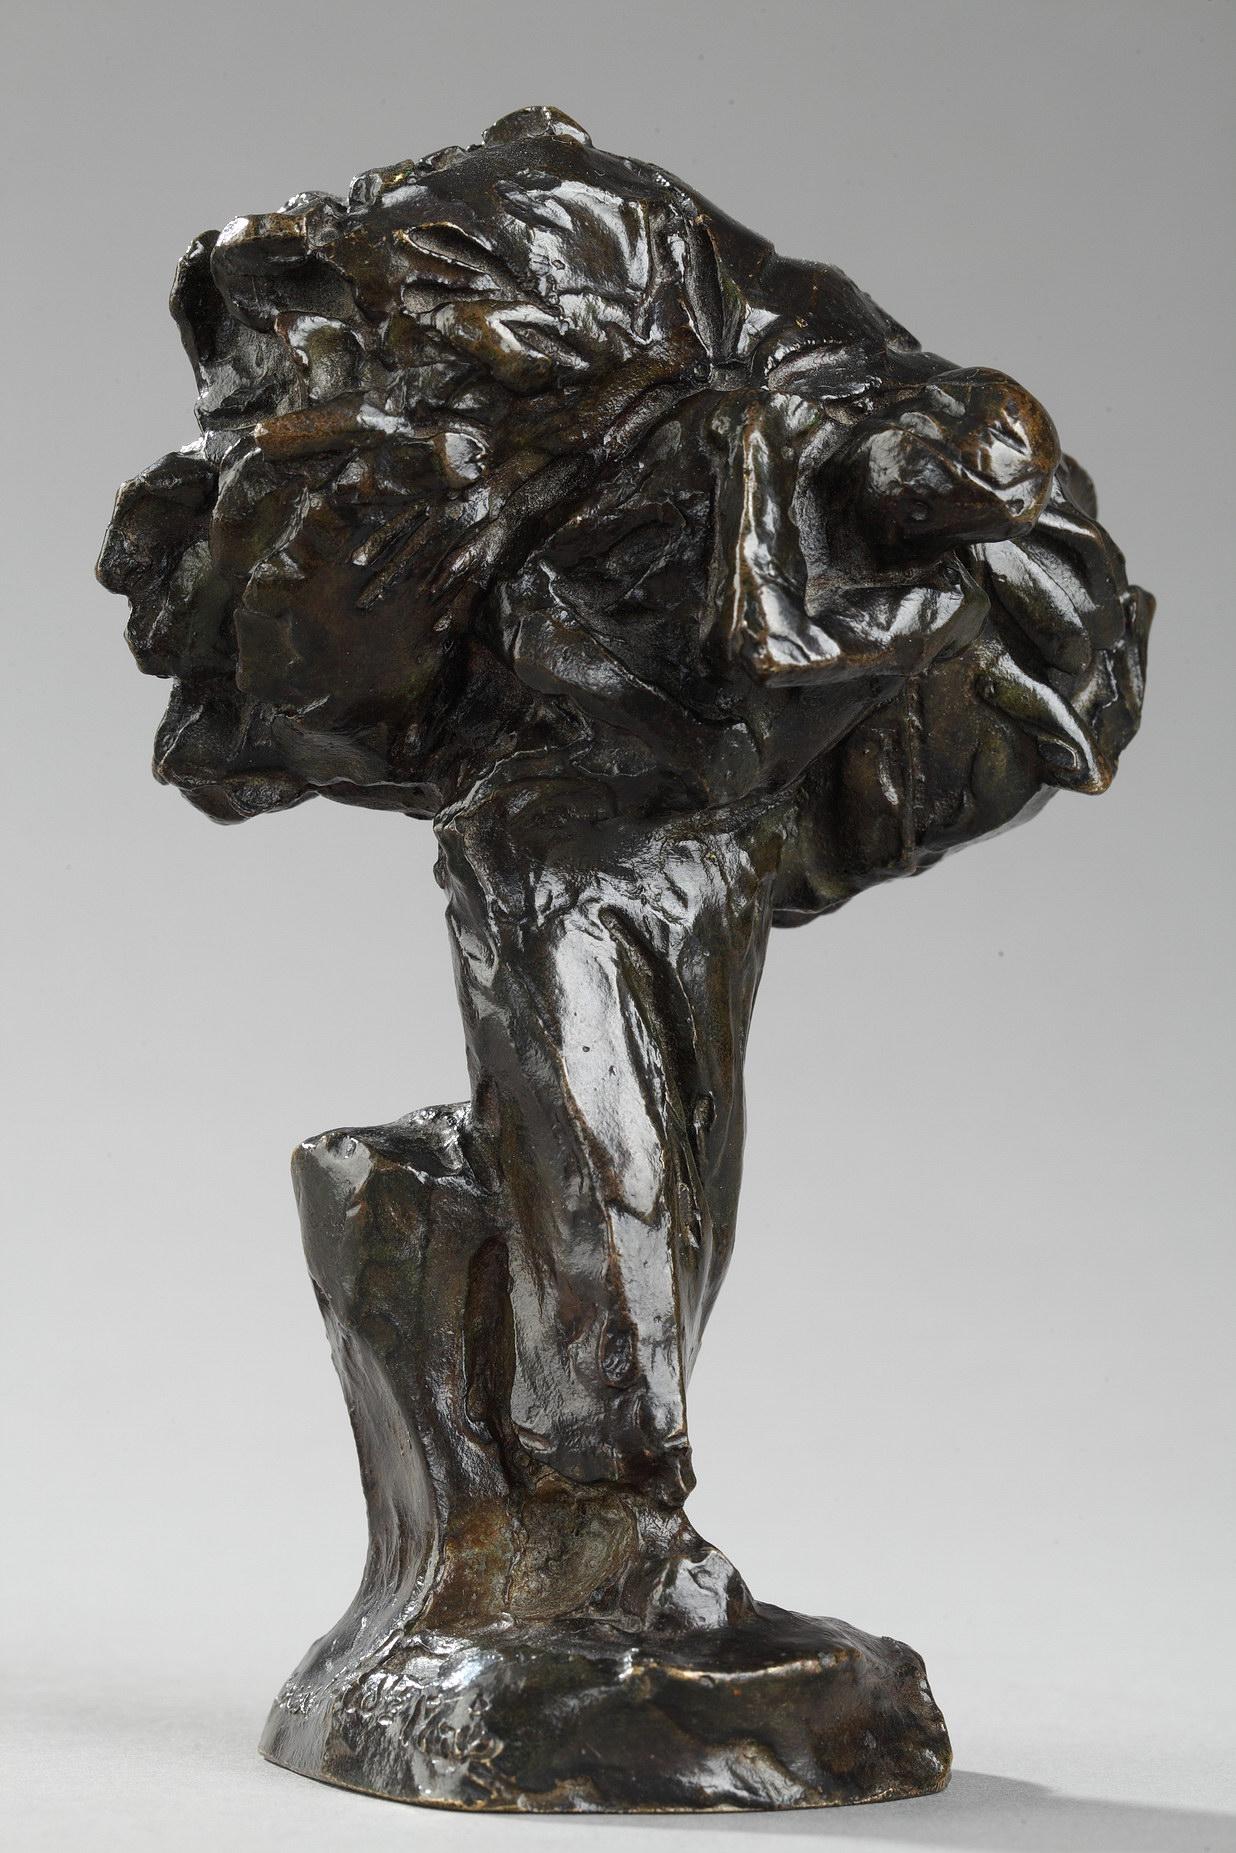 """Jules Dalou (1838-1902), """"Femme rapportant de l'herbe"""", bronze à patine brun très nuancé, fonte Susse, haut. 13 cm, sculptures - galerie Tourbillon, Paris"""